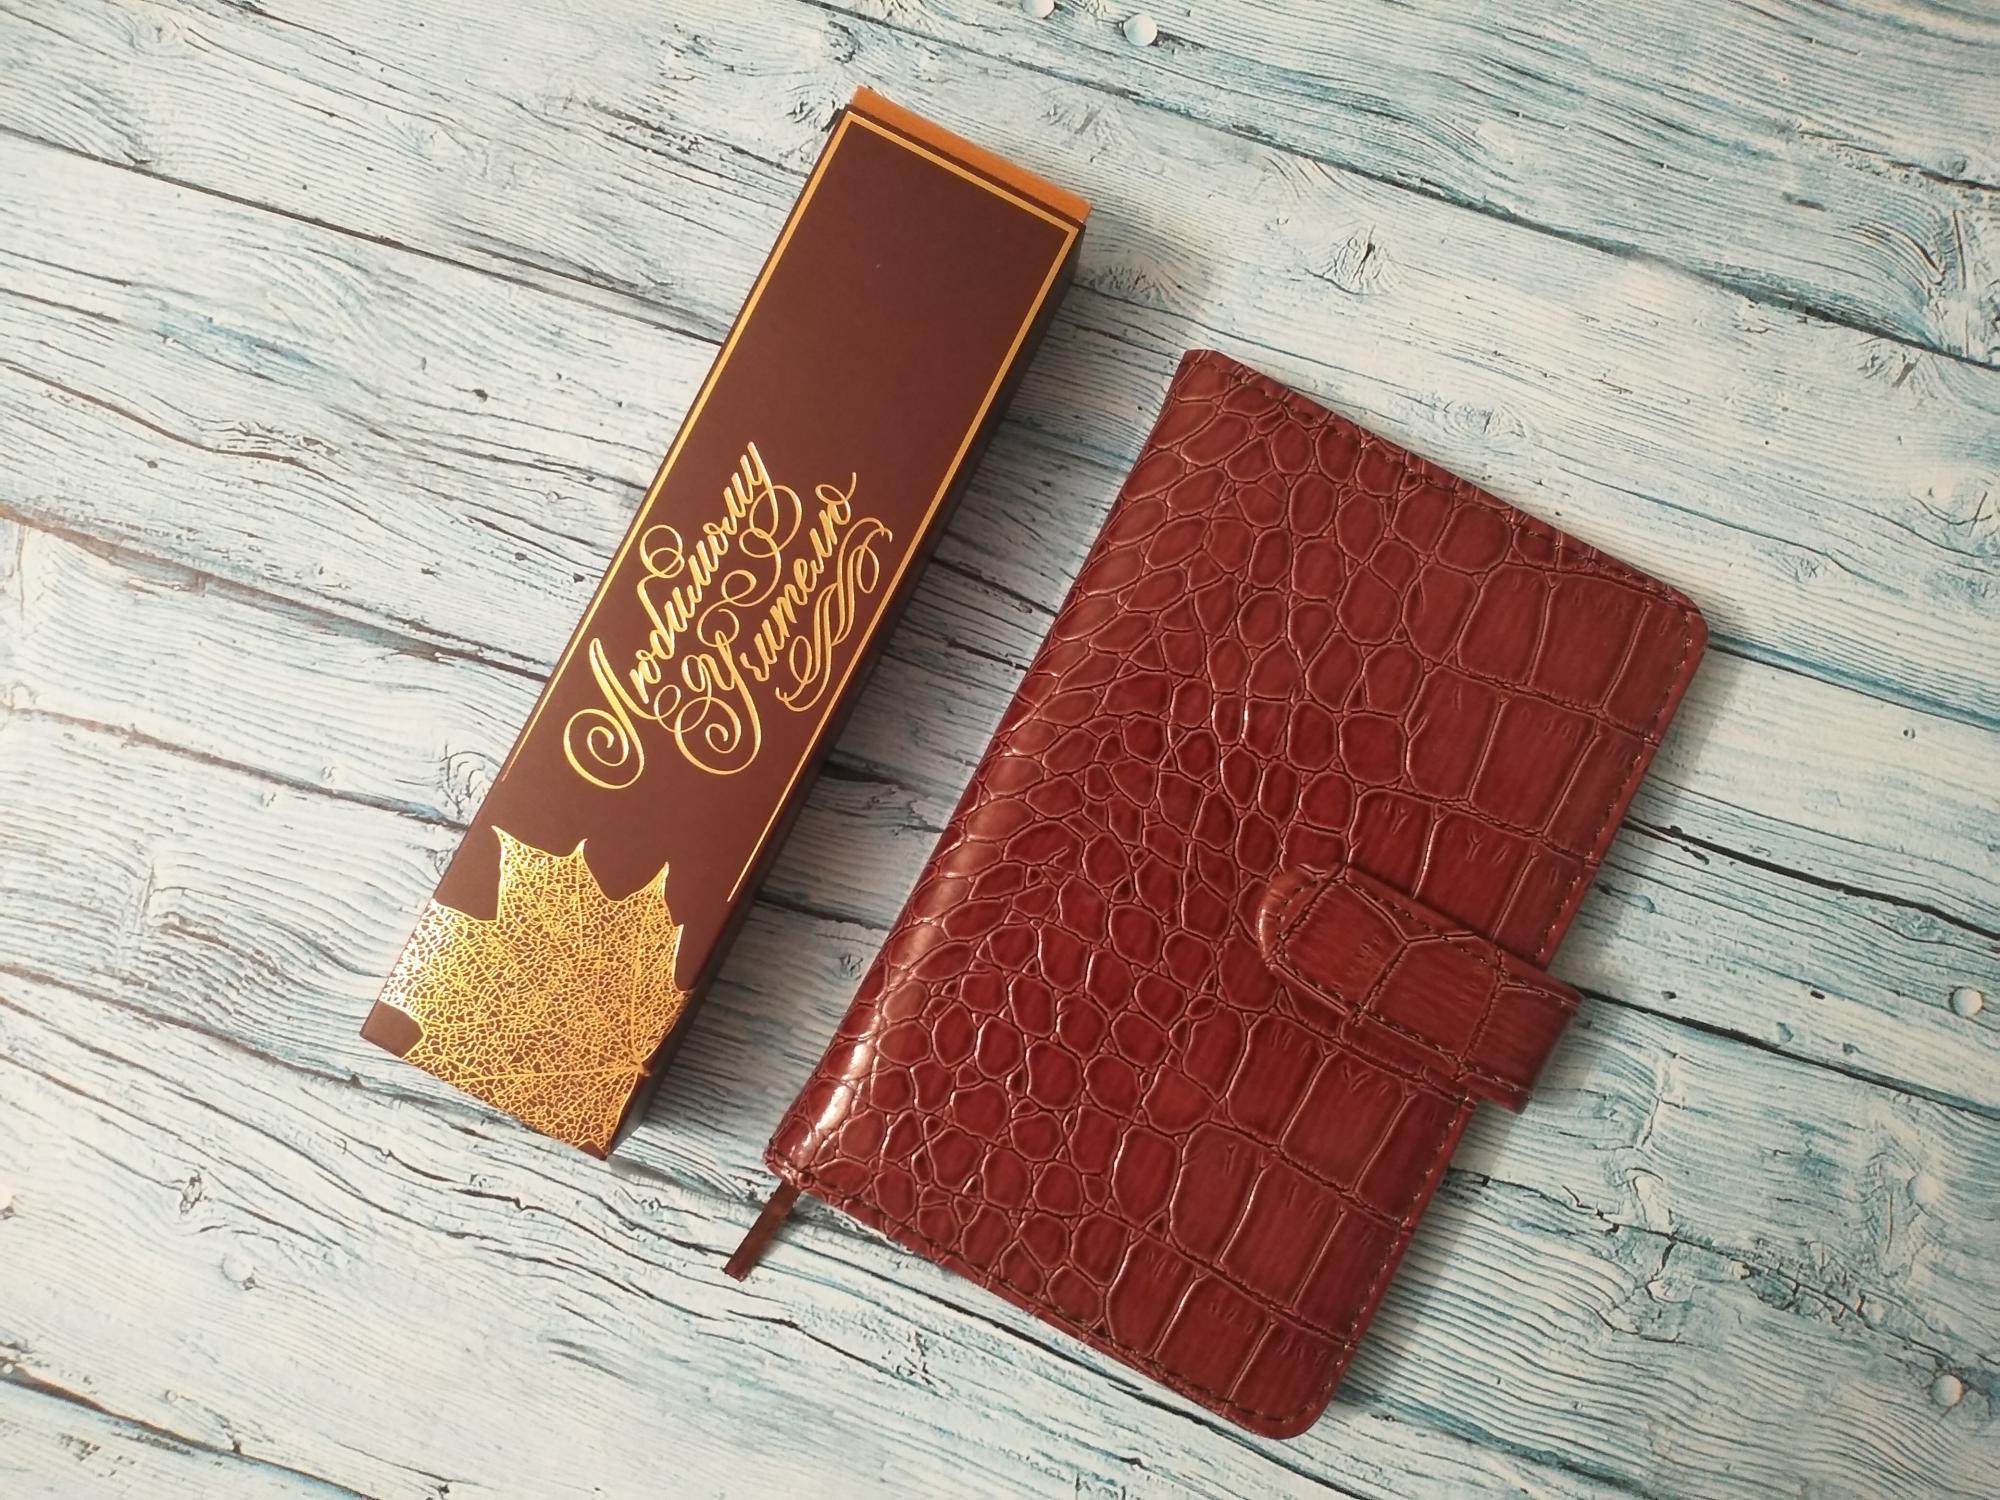 Подарок учителю блокнот ручка 89104761655 купить 1